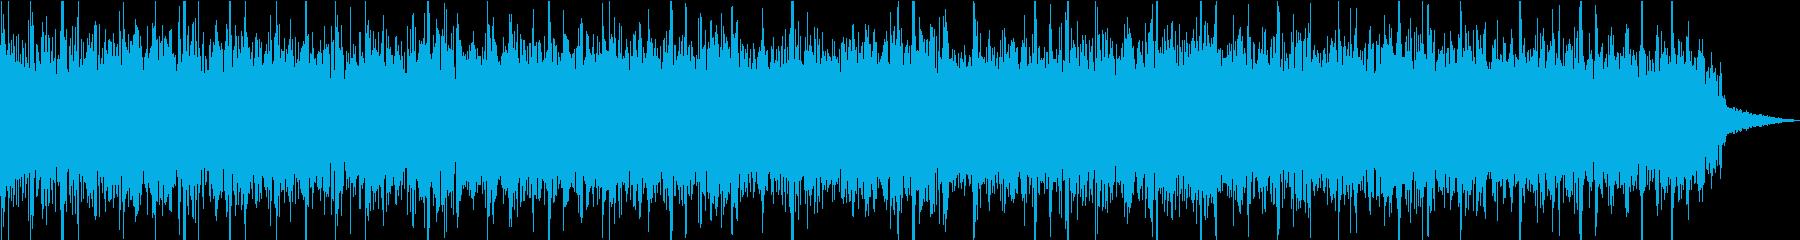 ヘビーなギターリフが入ったサウンドの再生済みの波形